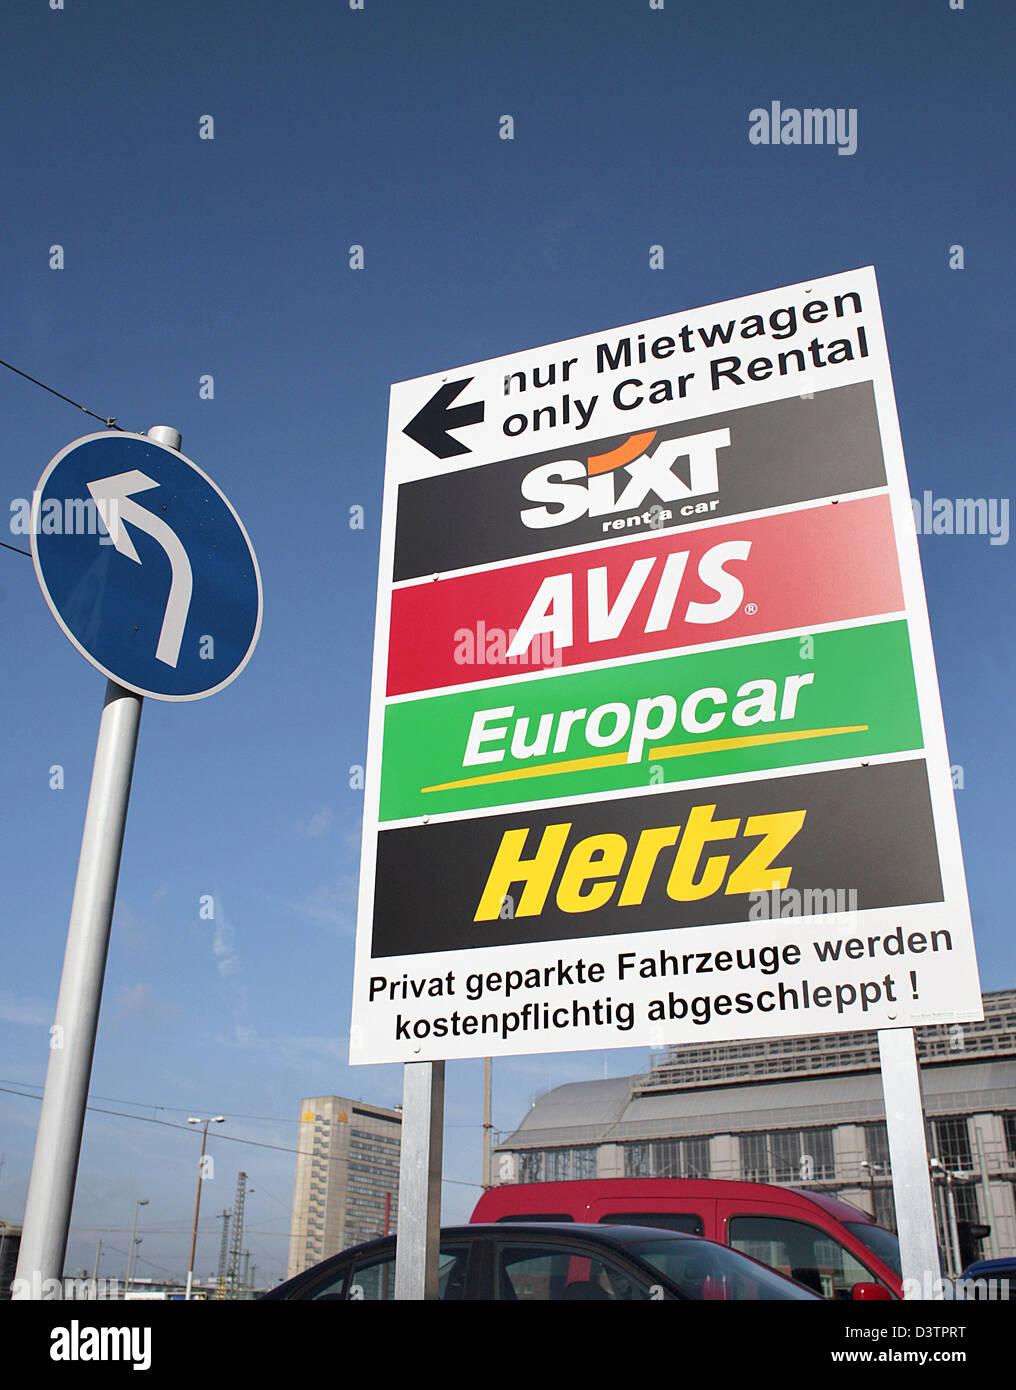 Ein Schild Zeigt Parkplatze Der Autovermieter Sixt Europcar Hertz